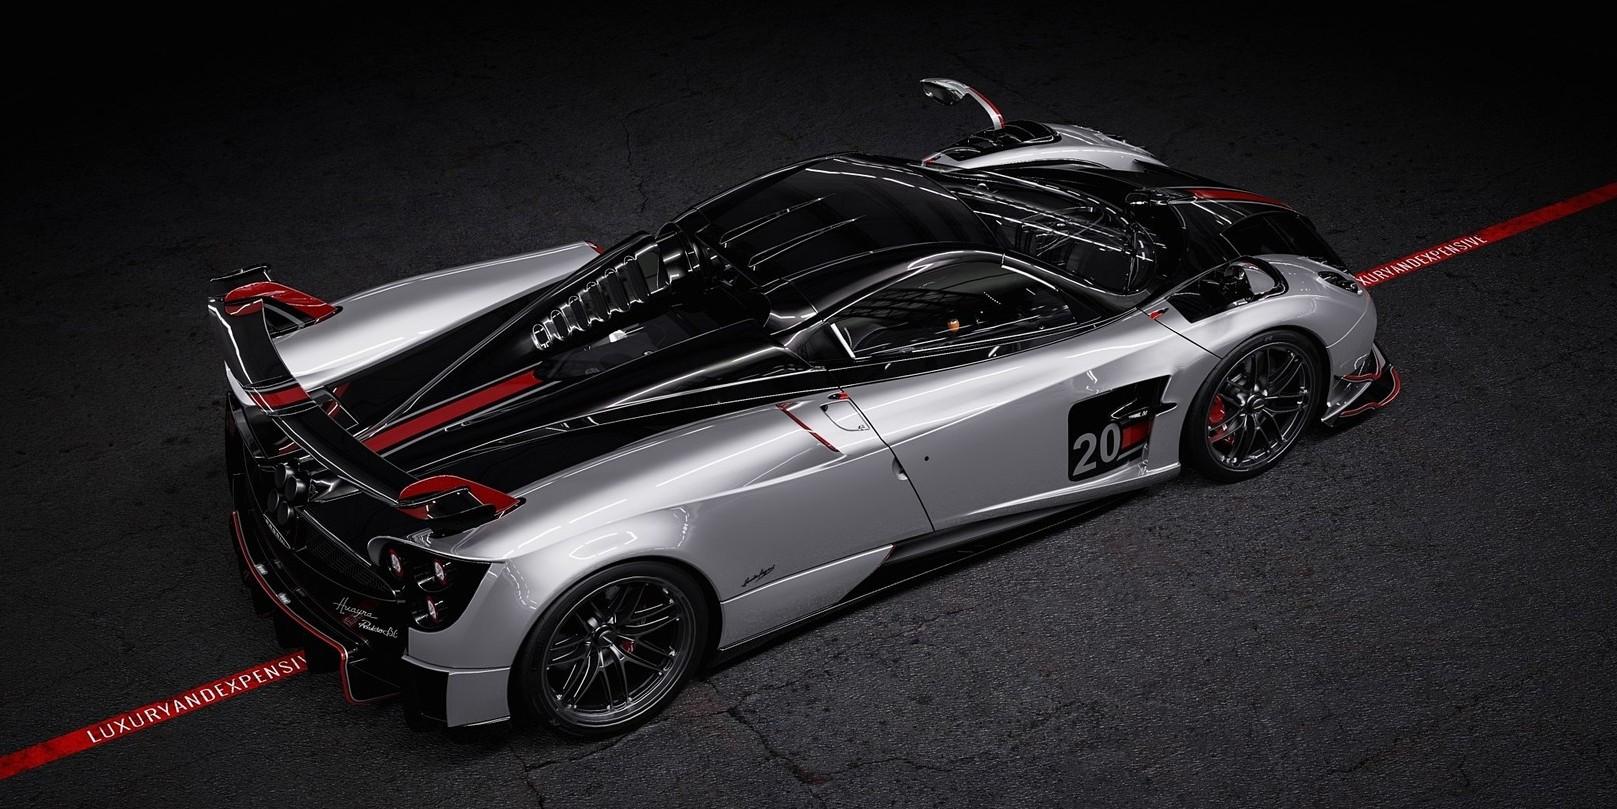 Bugatti chiron vs Koenigsegg jesko